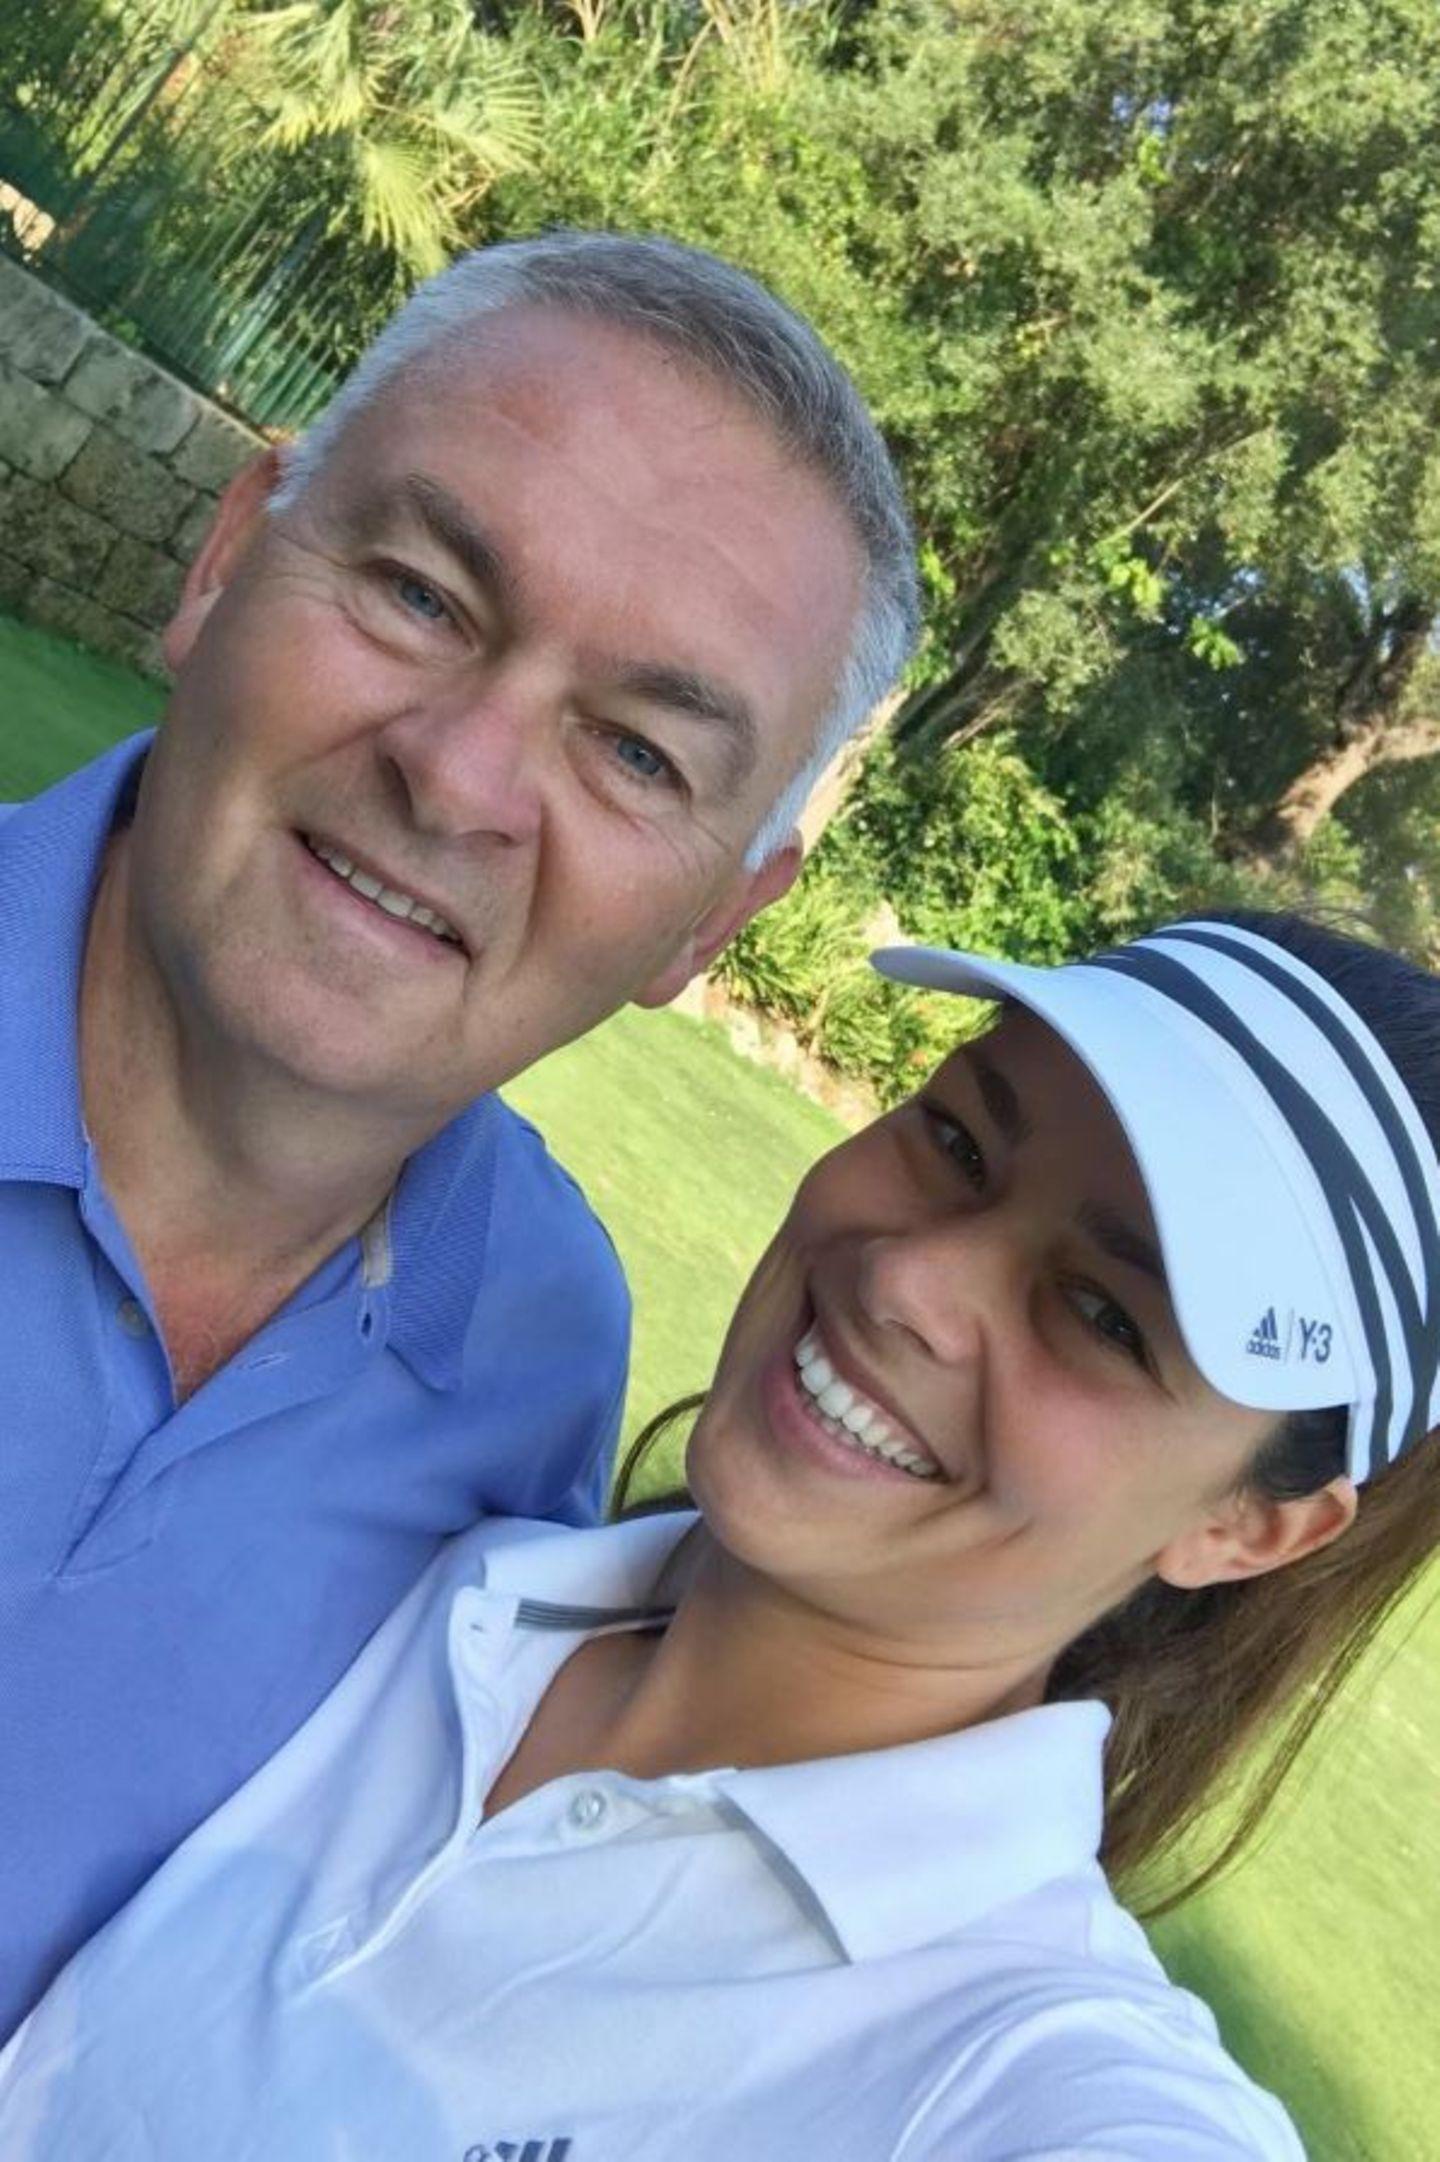 """Ihren Vater Miroslav begleitet die serbische Schönheit gerne zum Golfplatz für ein wenig """"Quality Time""""."""